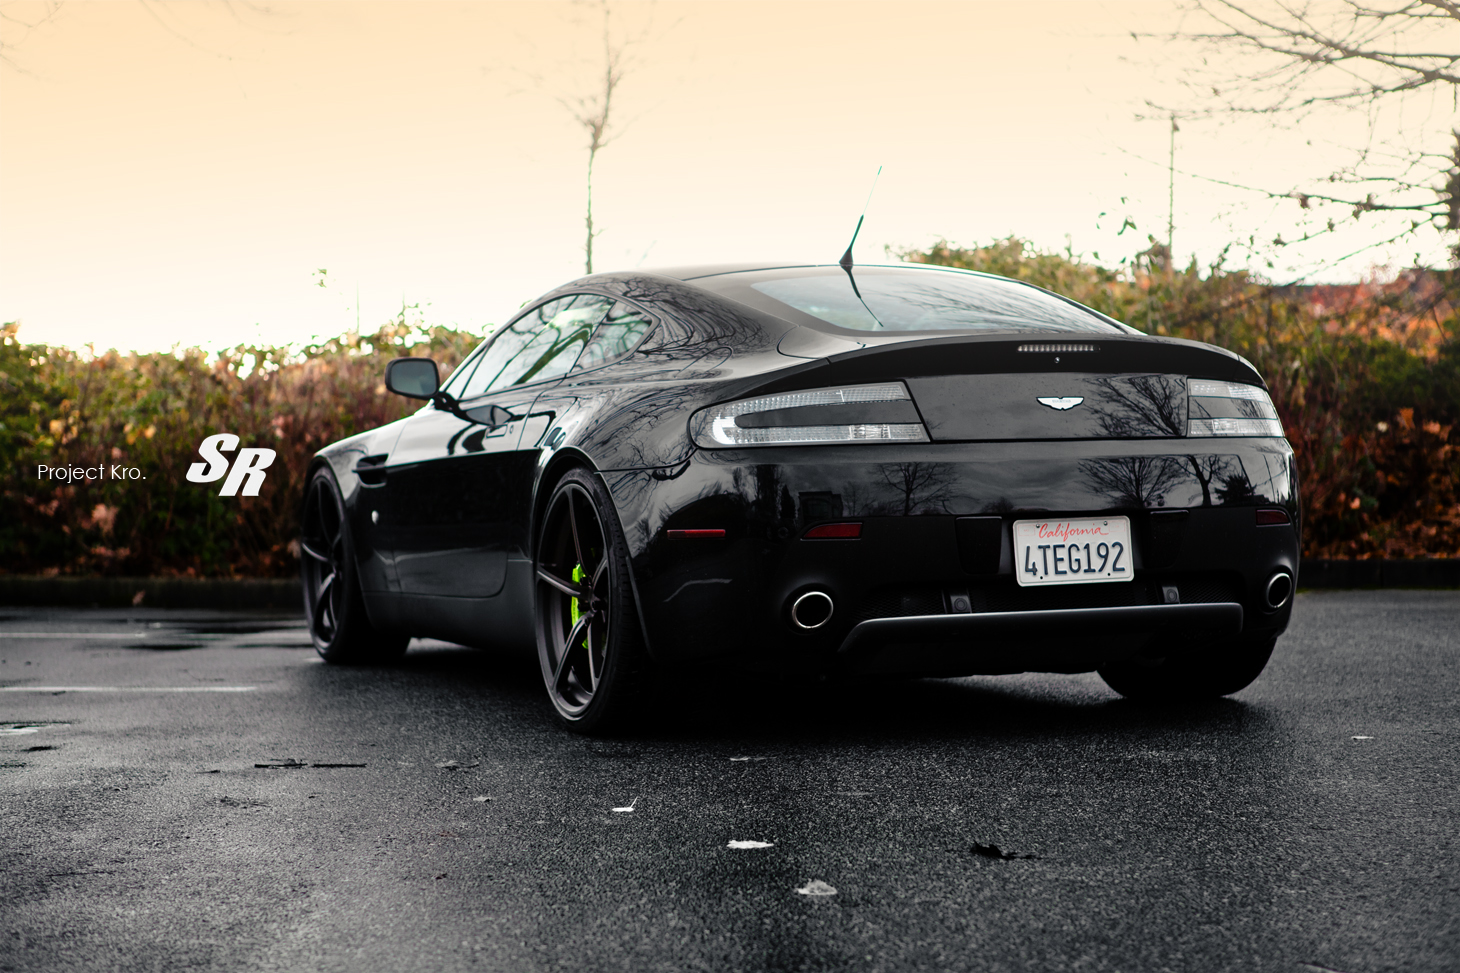 Aston Martin Vantage Project Kro - autoevolution